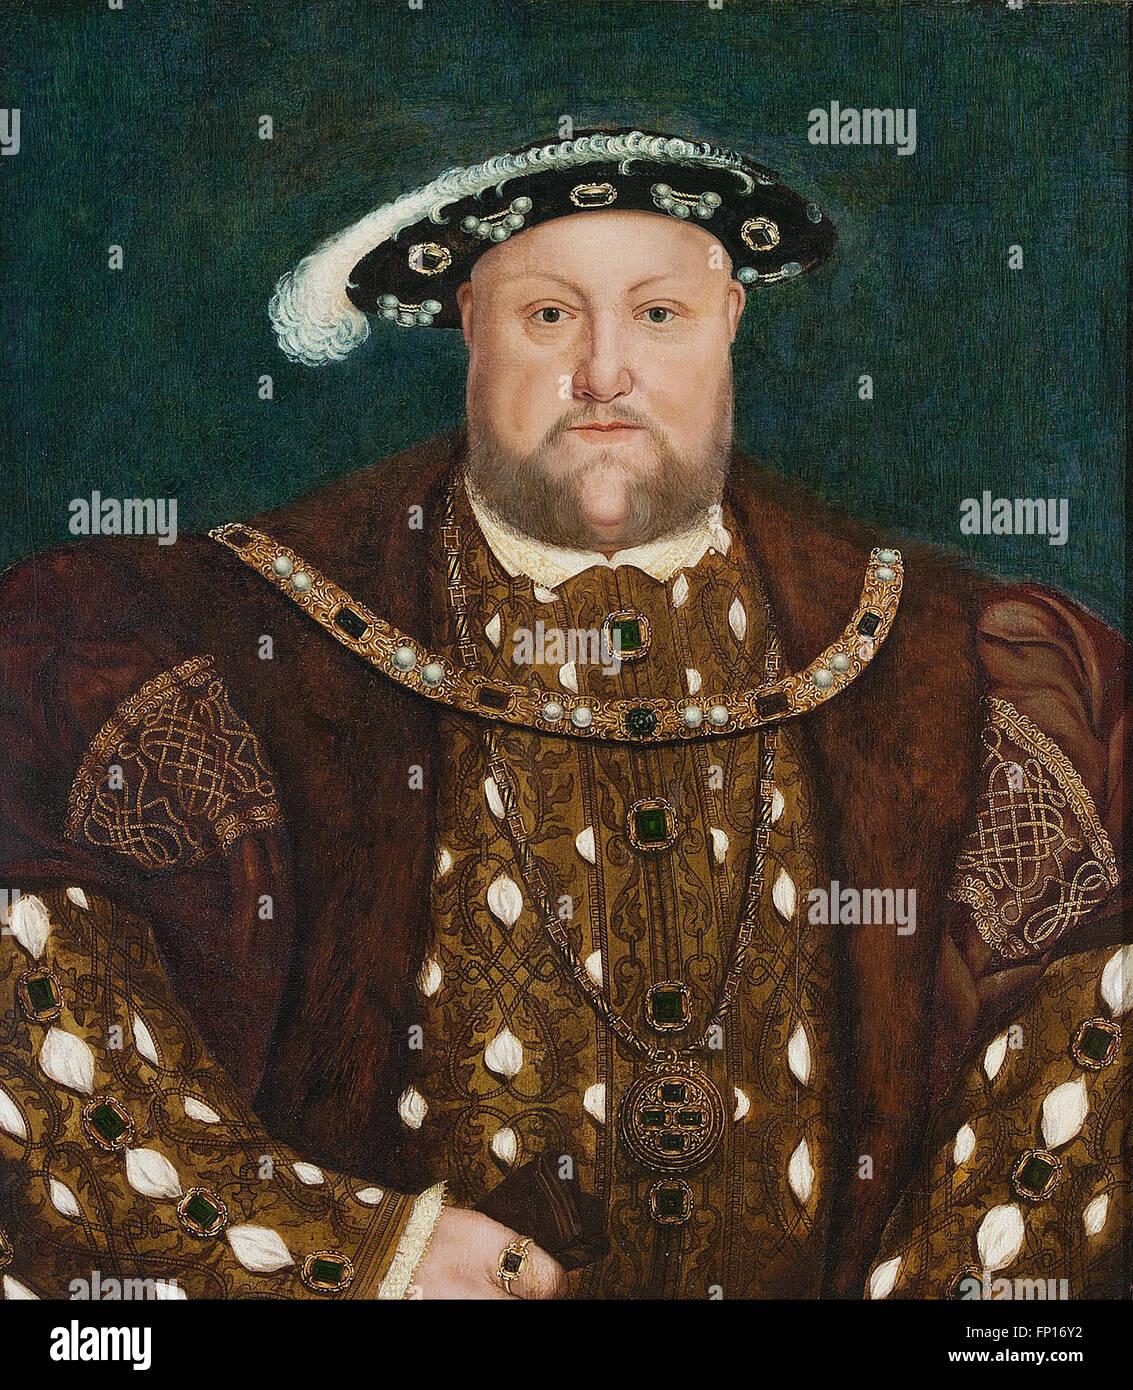 Nach Hans HOLBEIN der jüngere - König Henry VIII Stockfoto